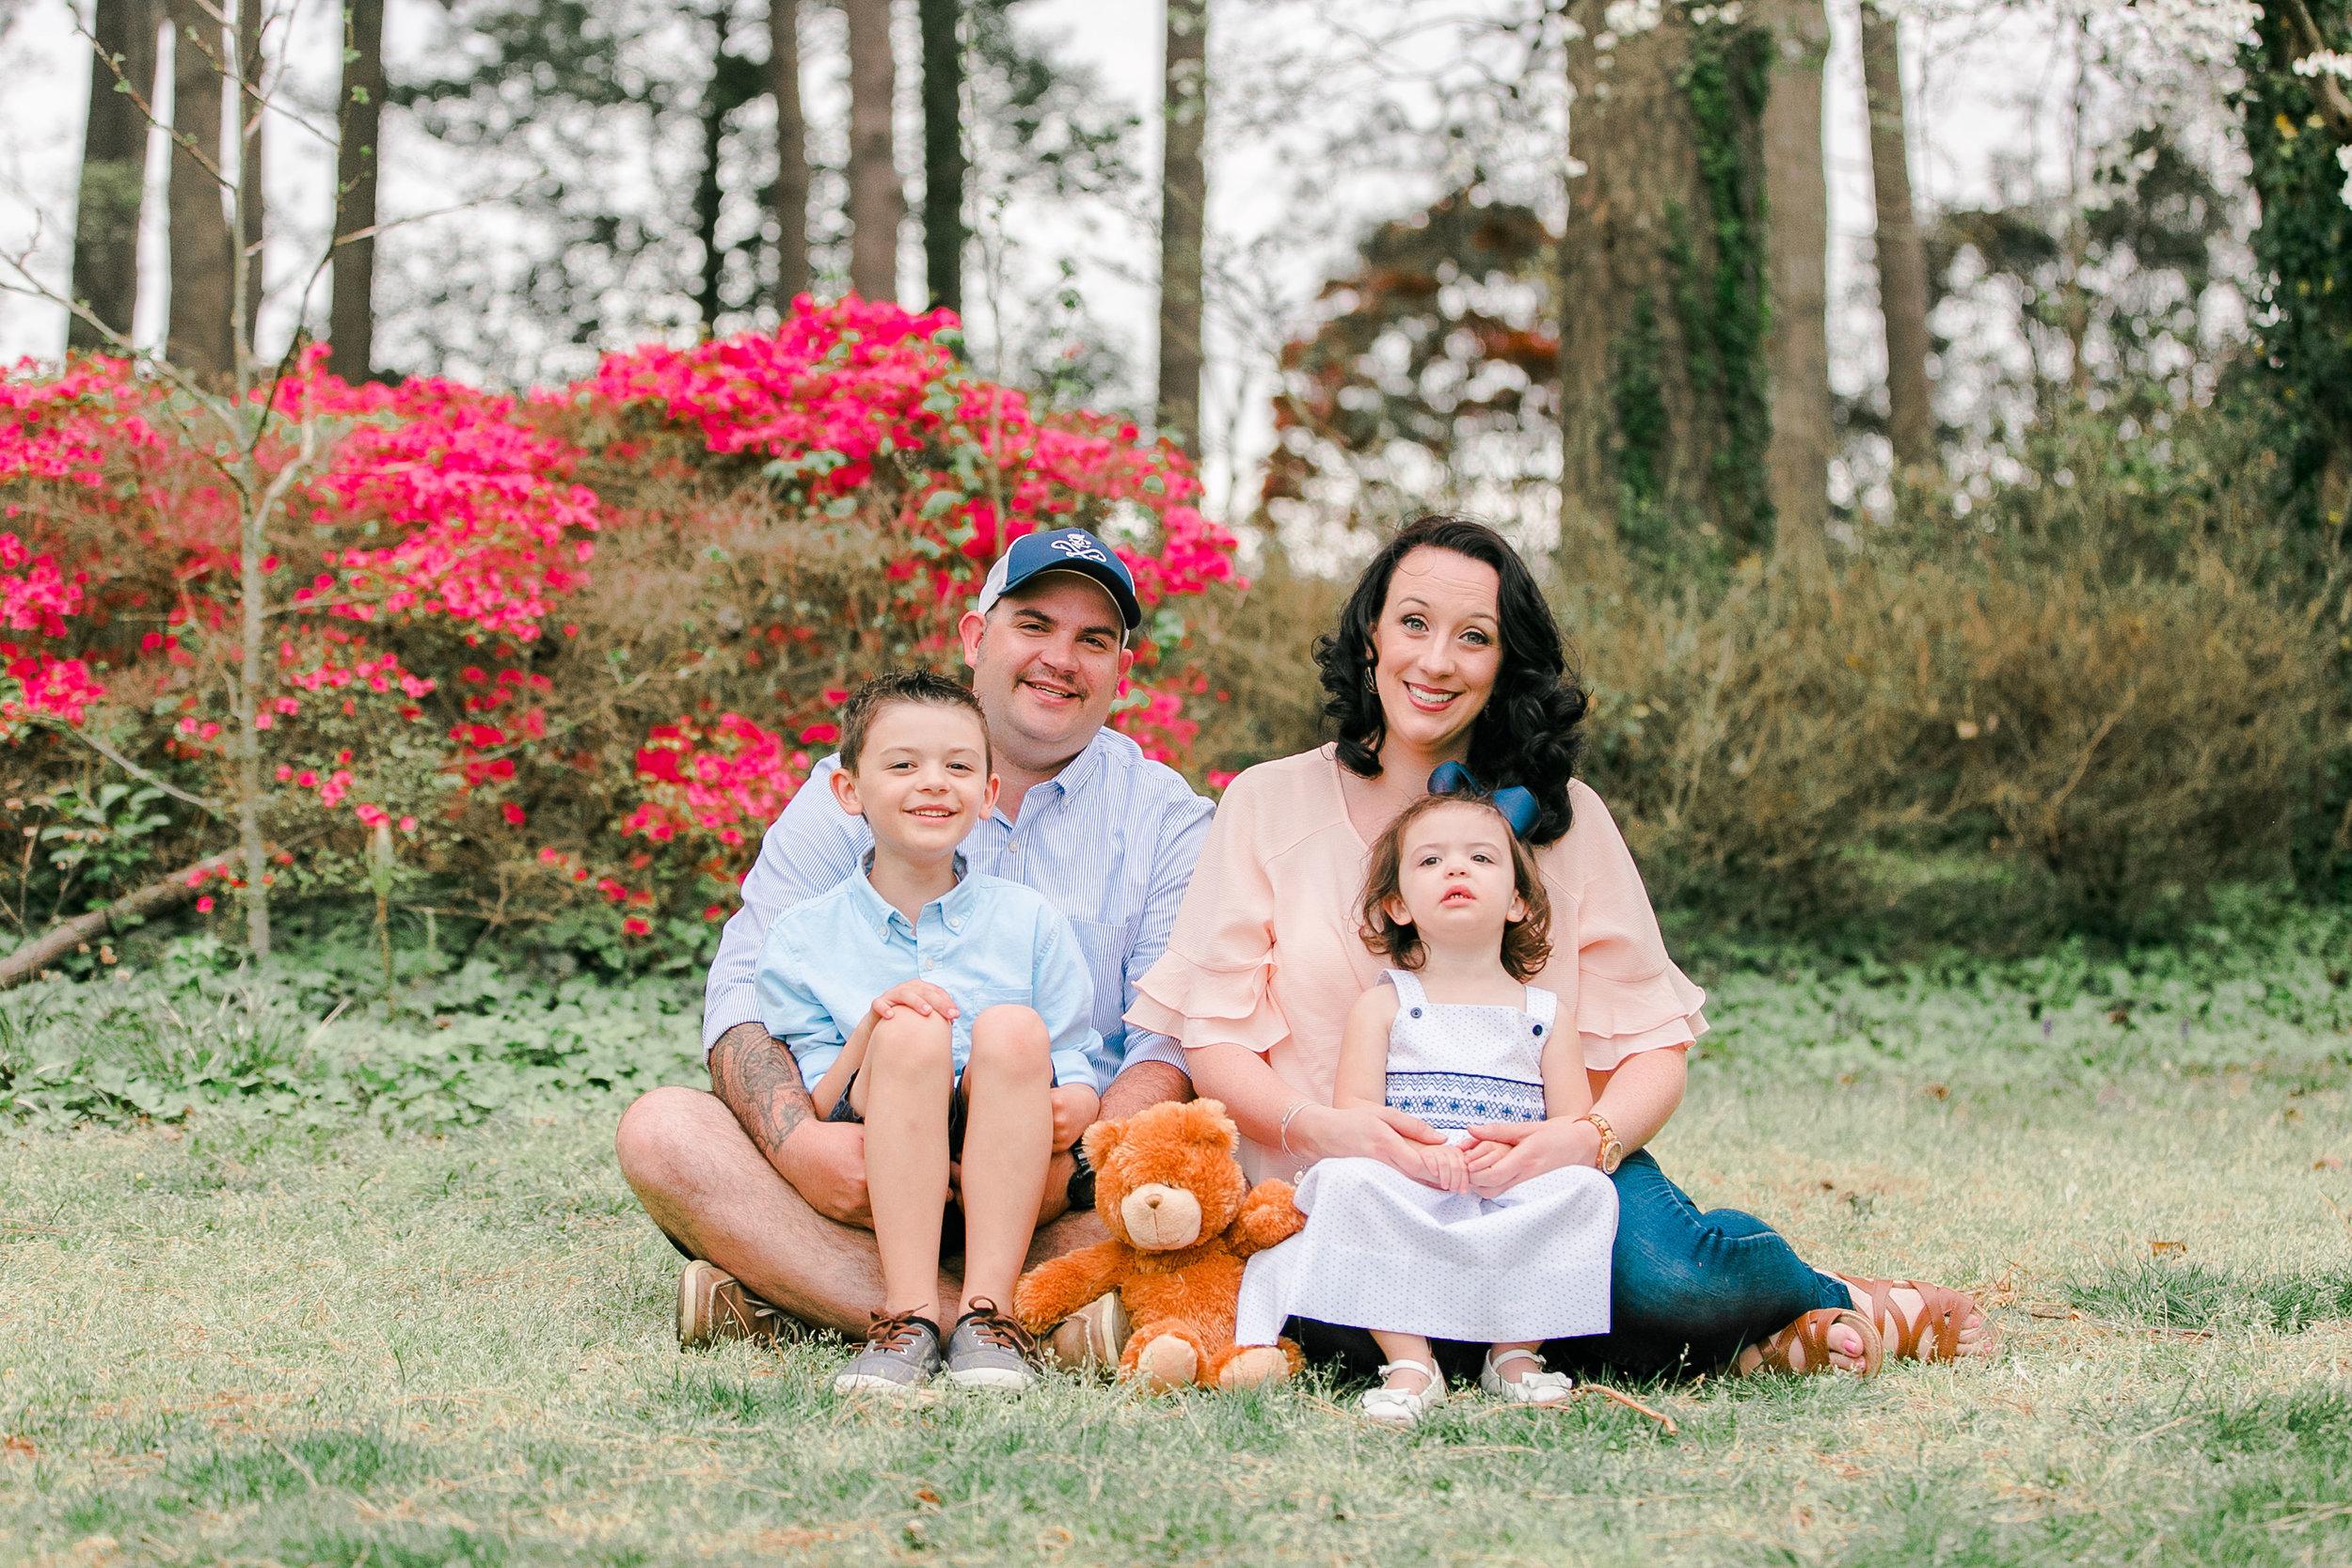 Hoover-Family-Extended-418.jpg